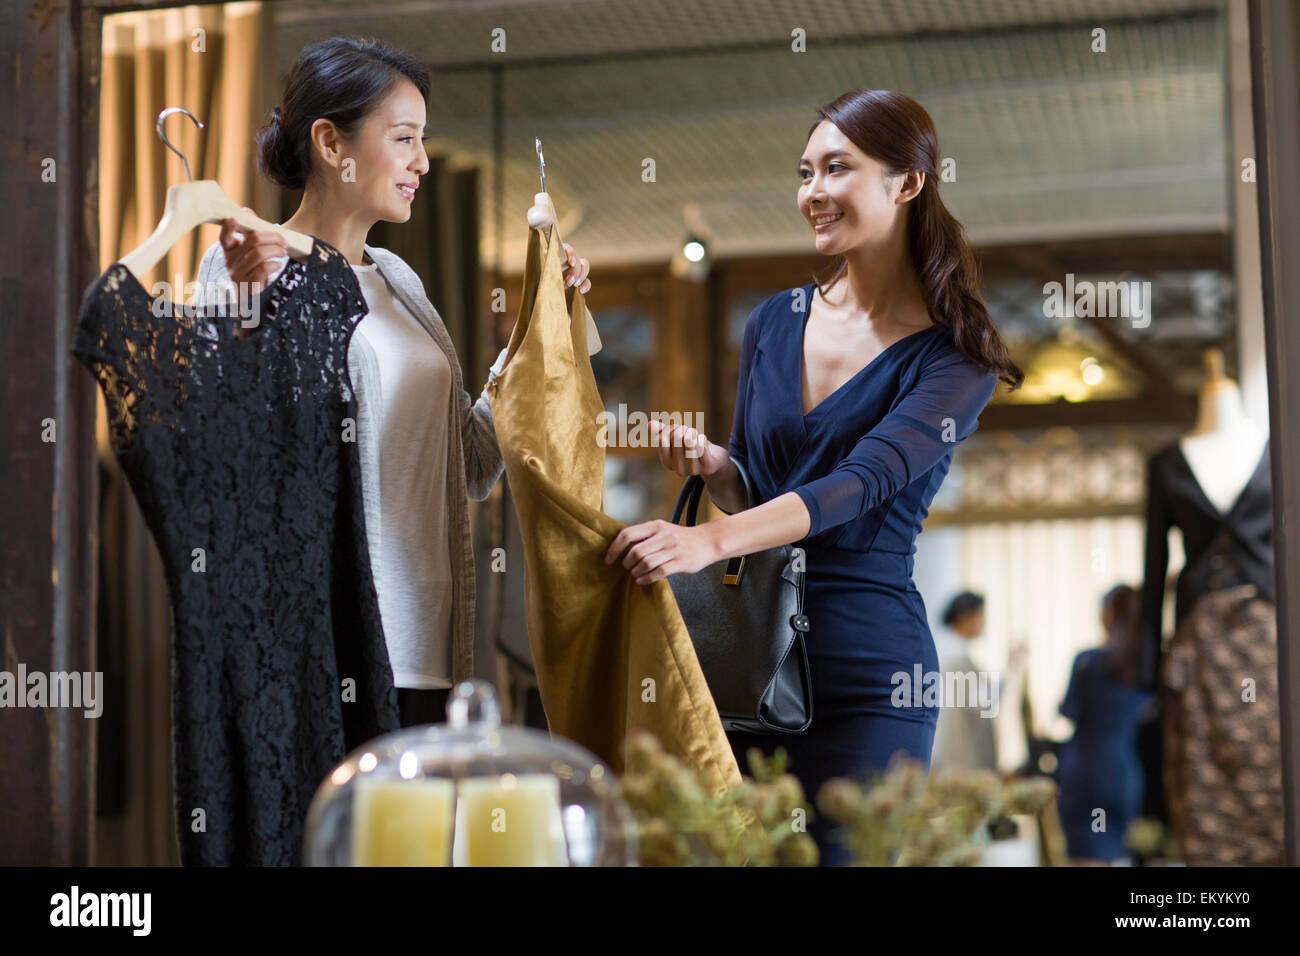 El propietario de una tienda de ropa ayudando al cliente a elegir vestido Imagen De Stock